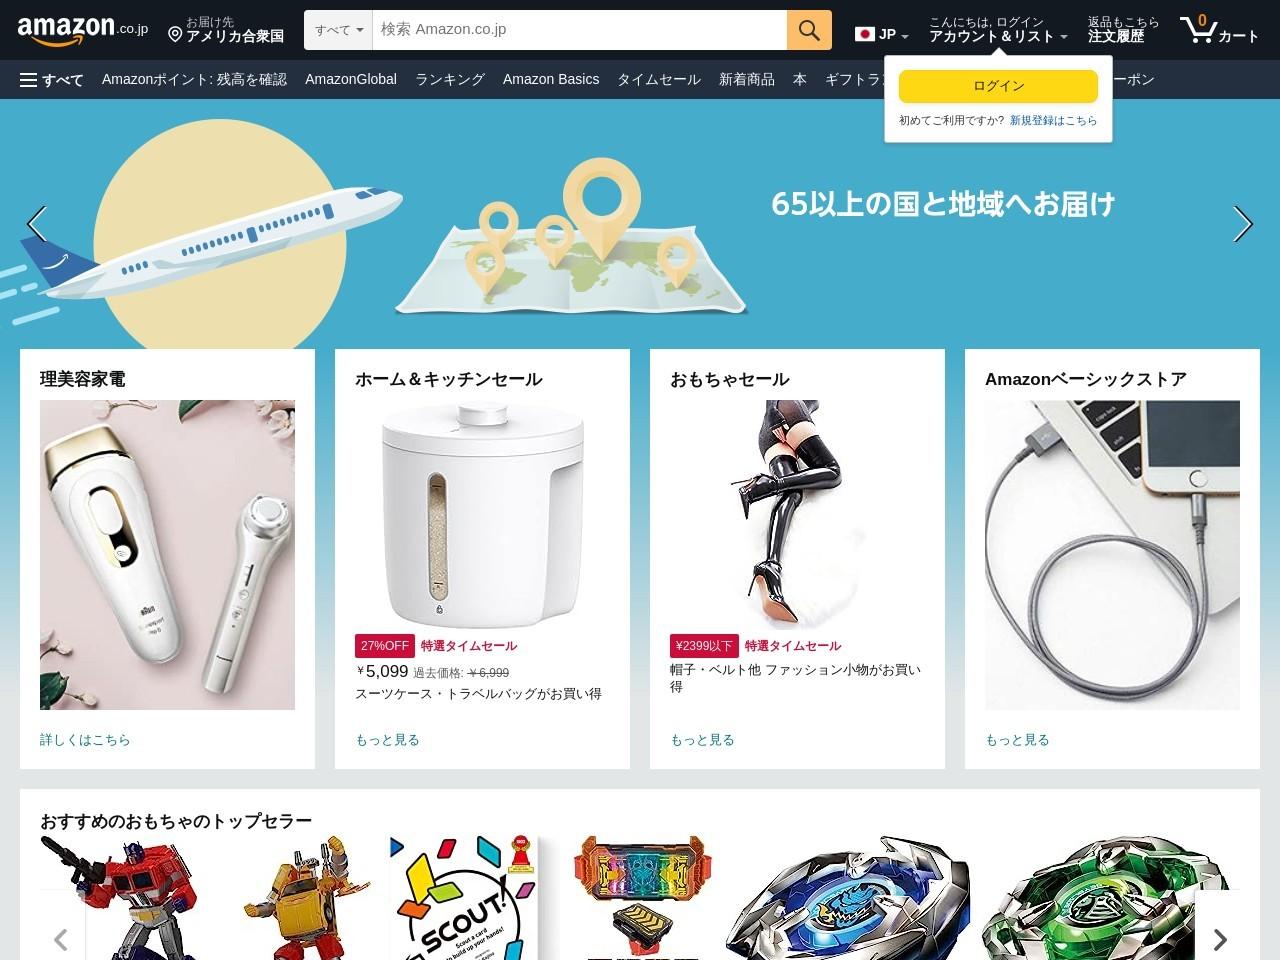 Amazon.co.jp ヘルプ: 誤って購入した注文をキャンセルする